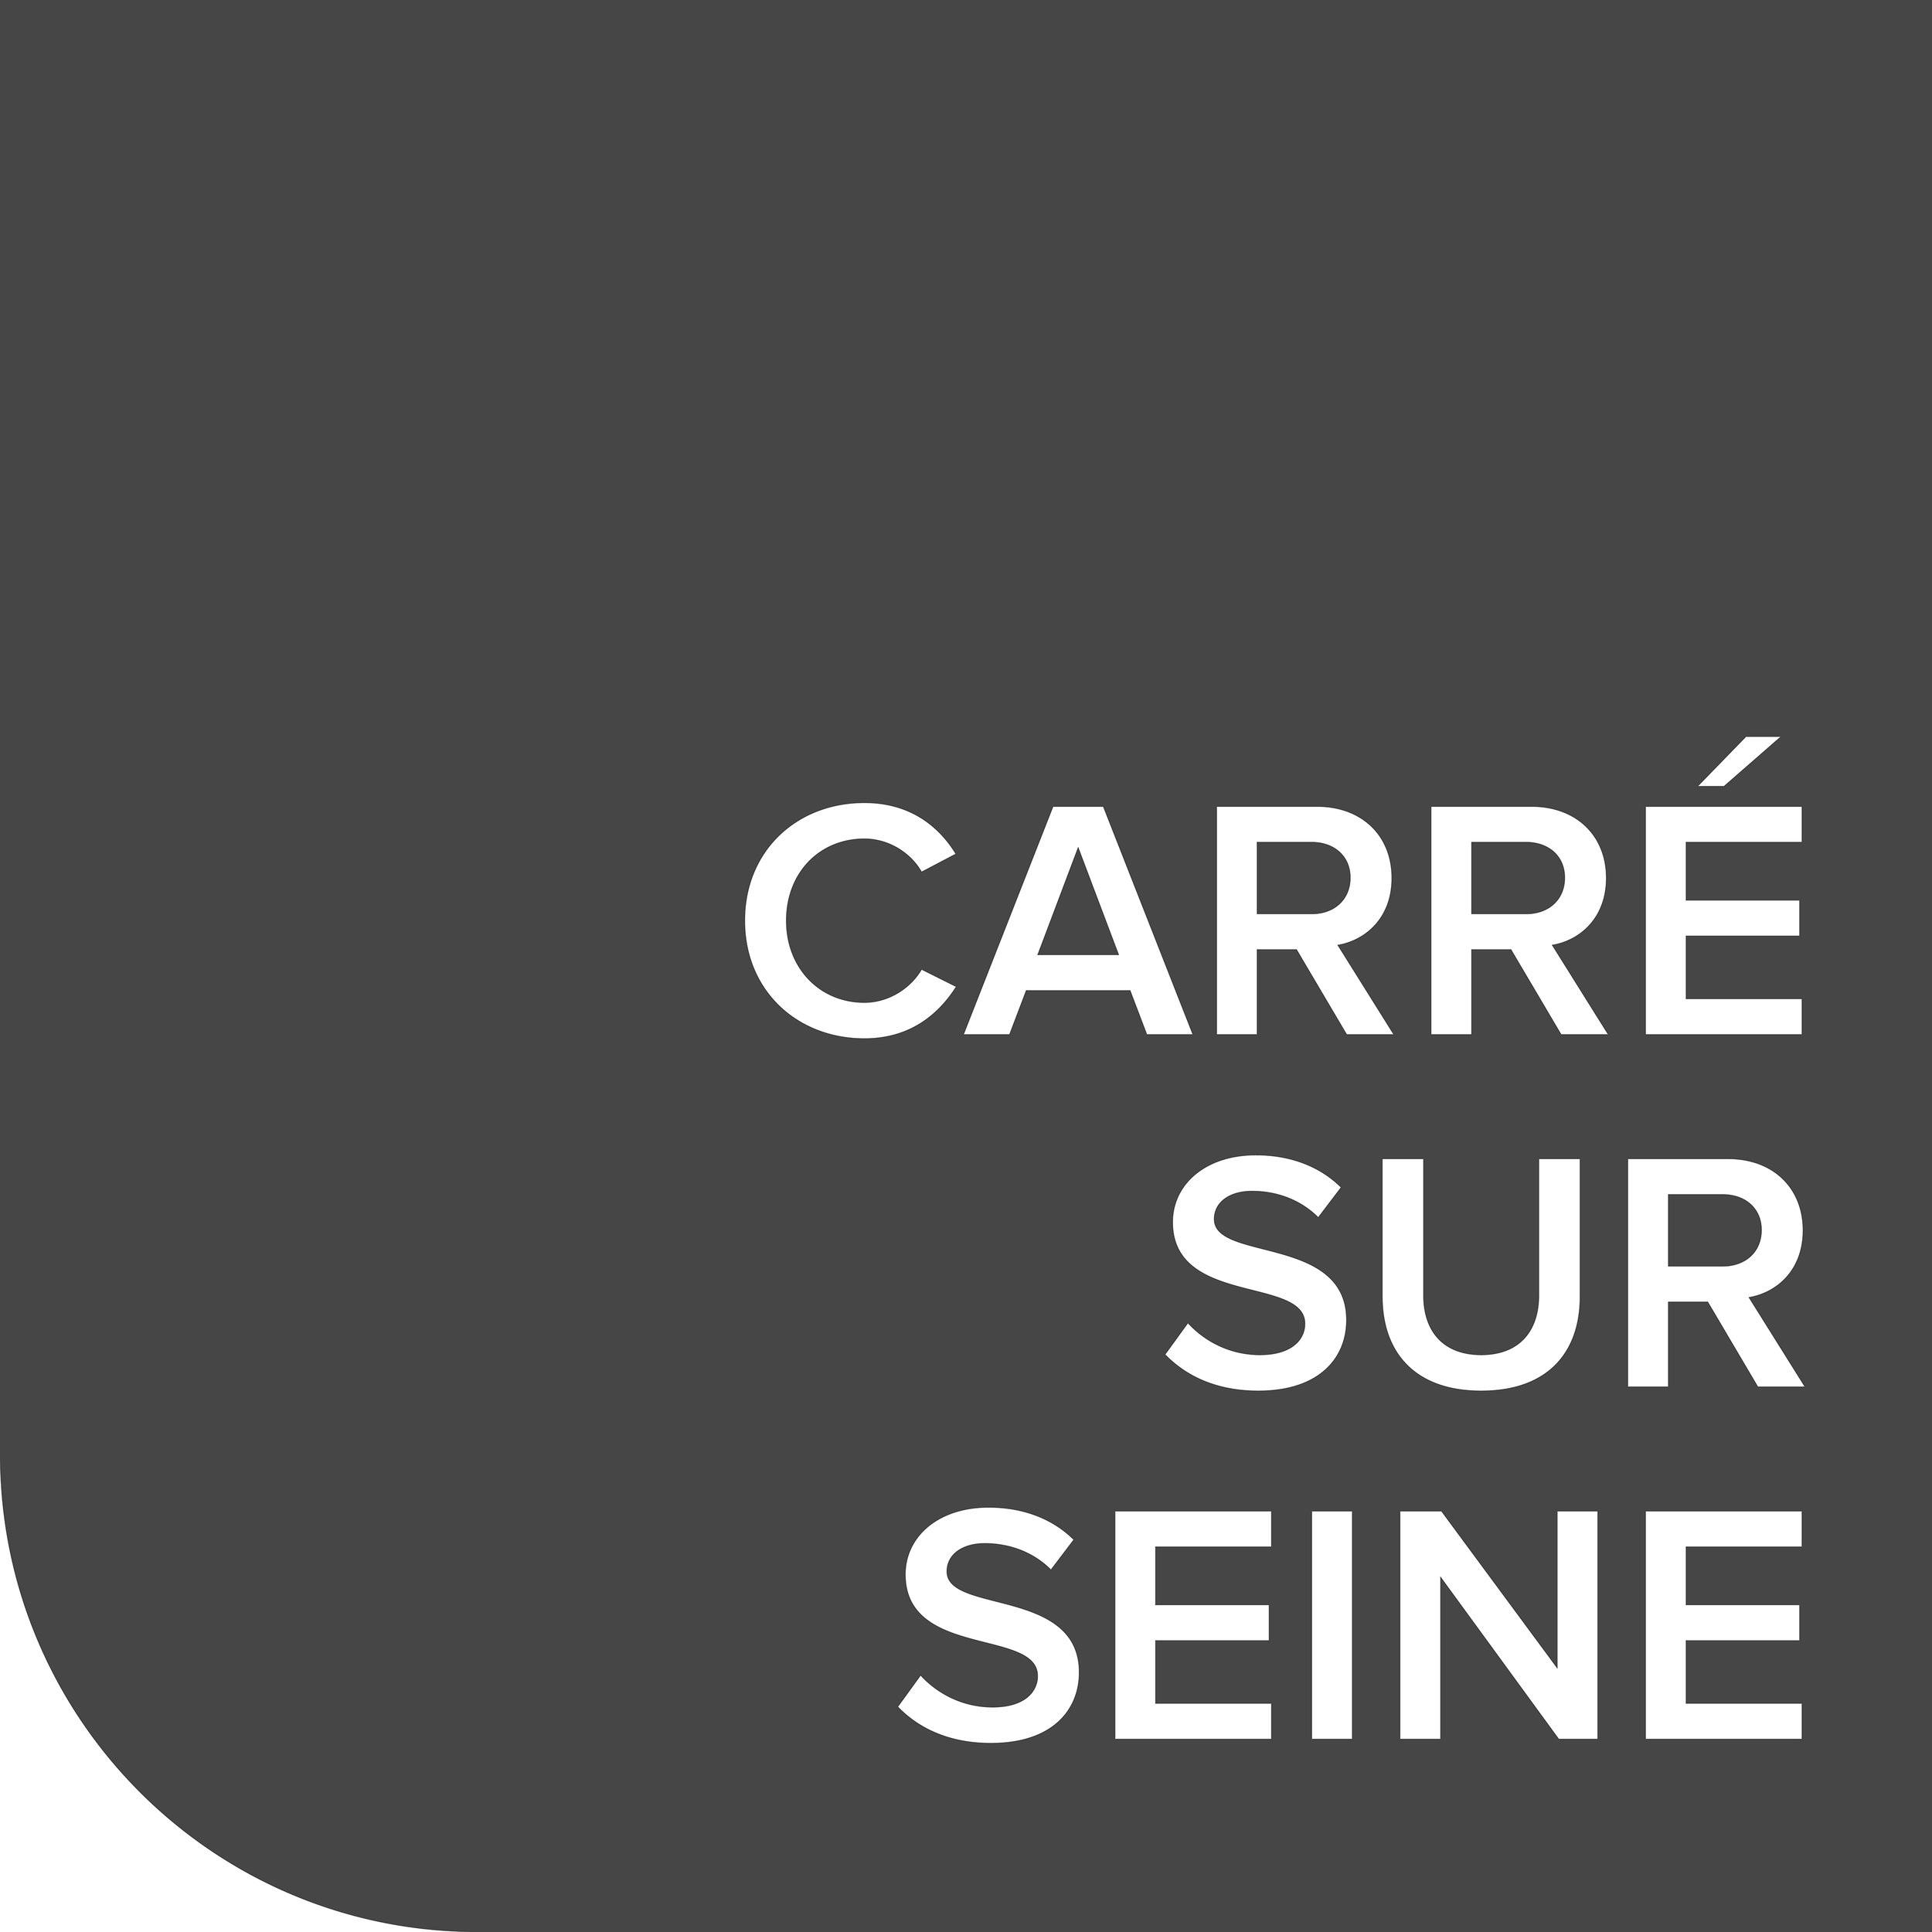 LOGO-CARRE-SUR-SEINE+150+dpi.jpg